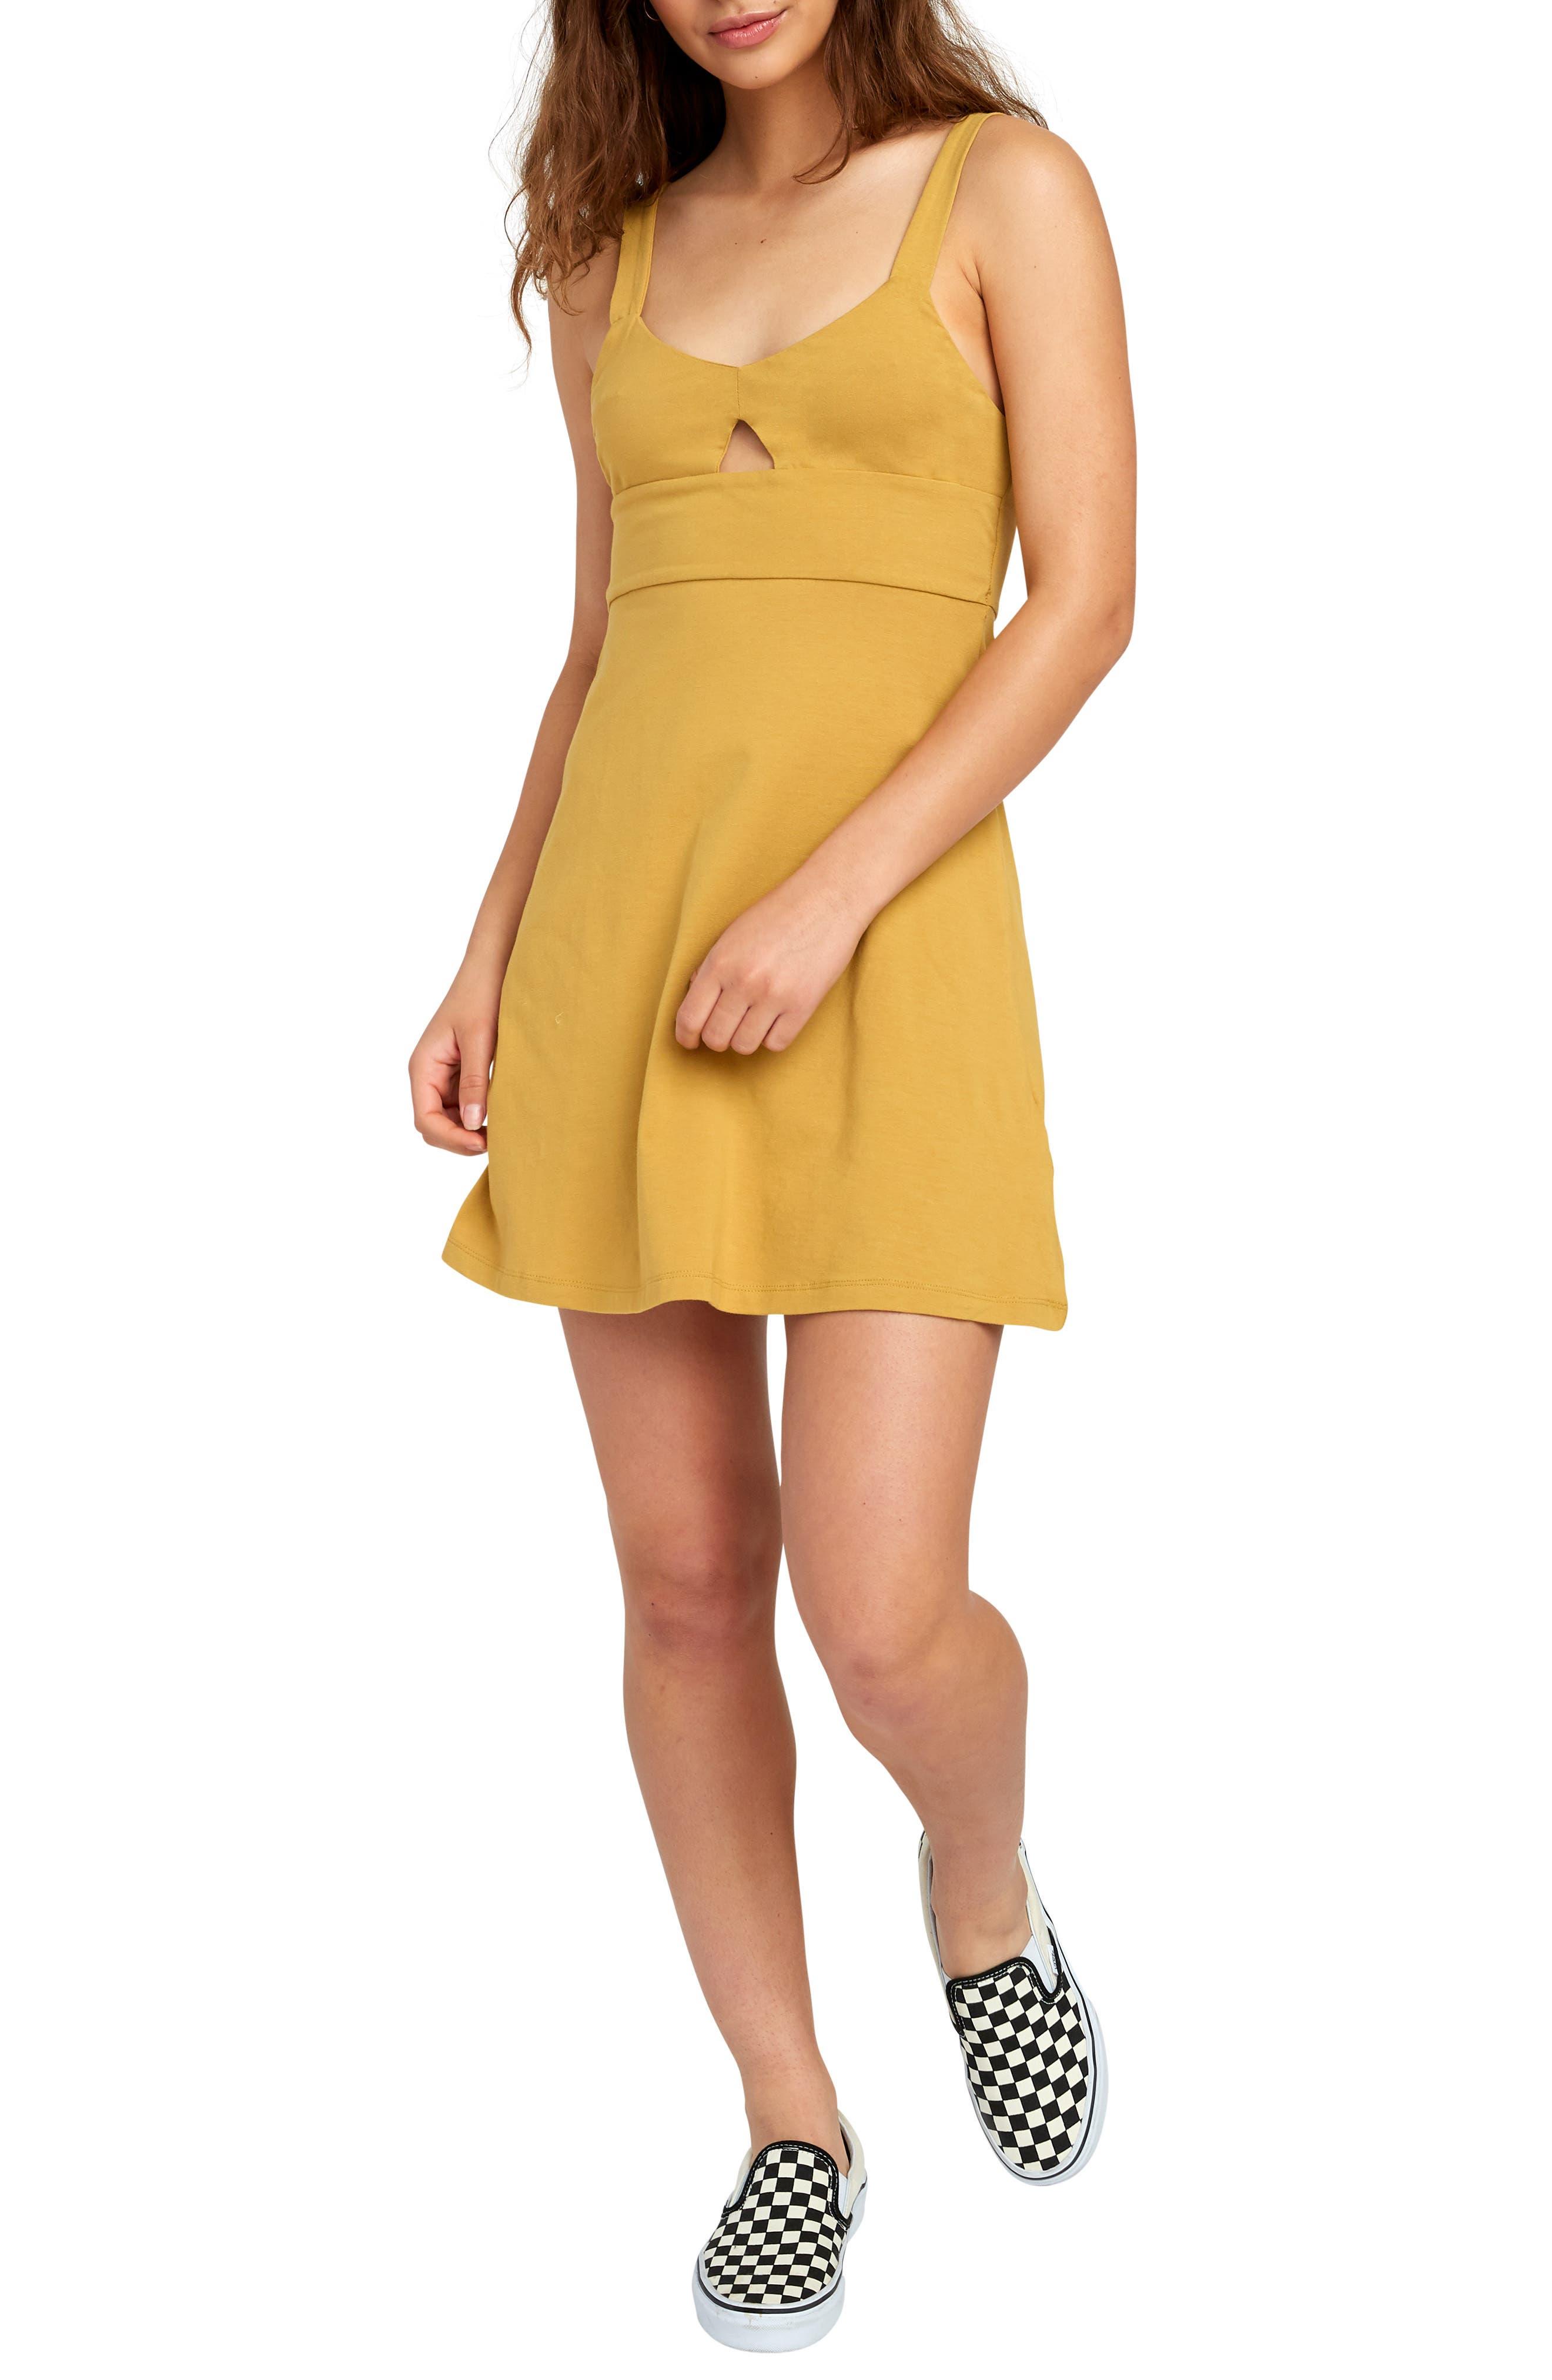 Rvca All Talk Keyhole Minidress, Yellow